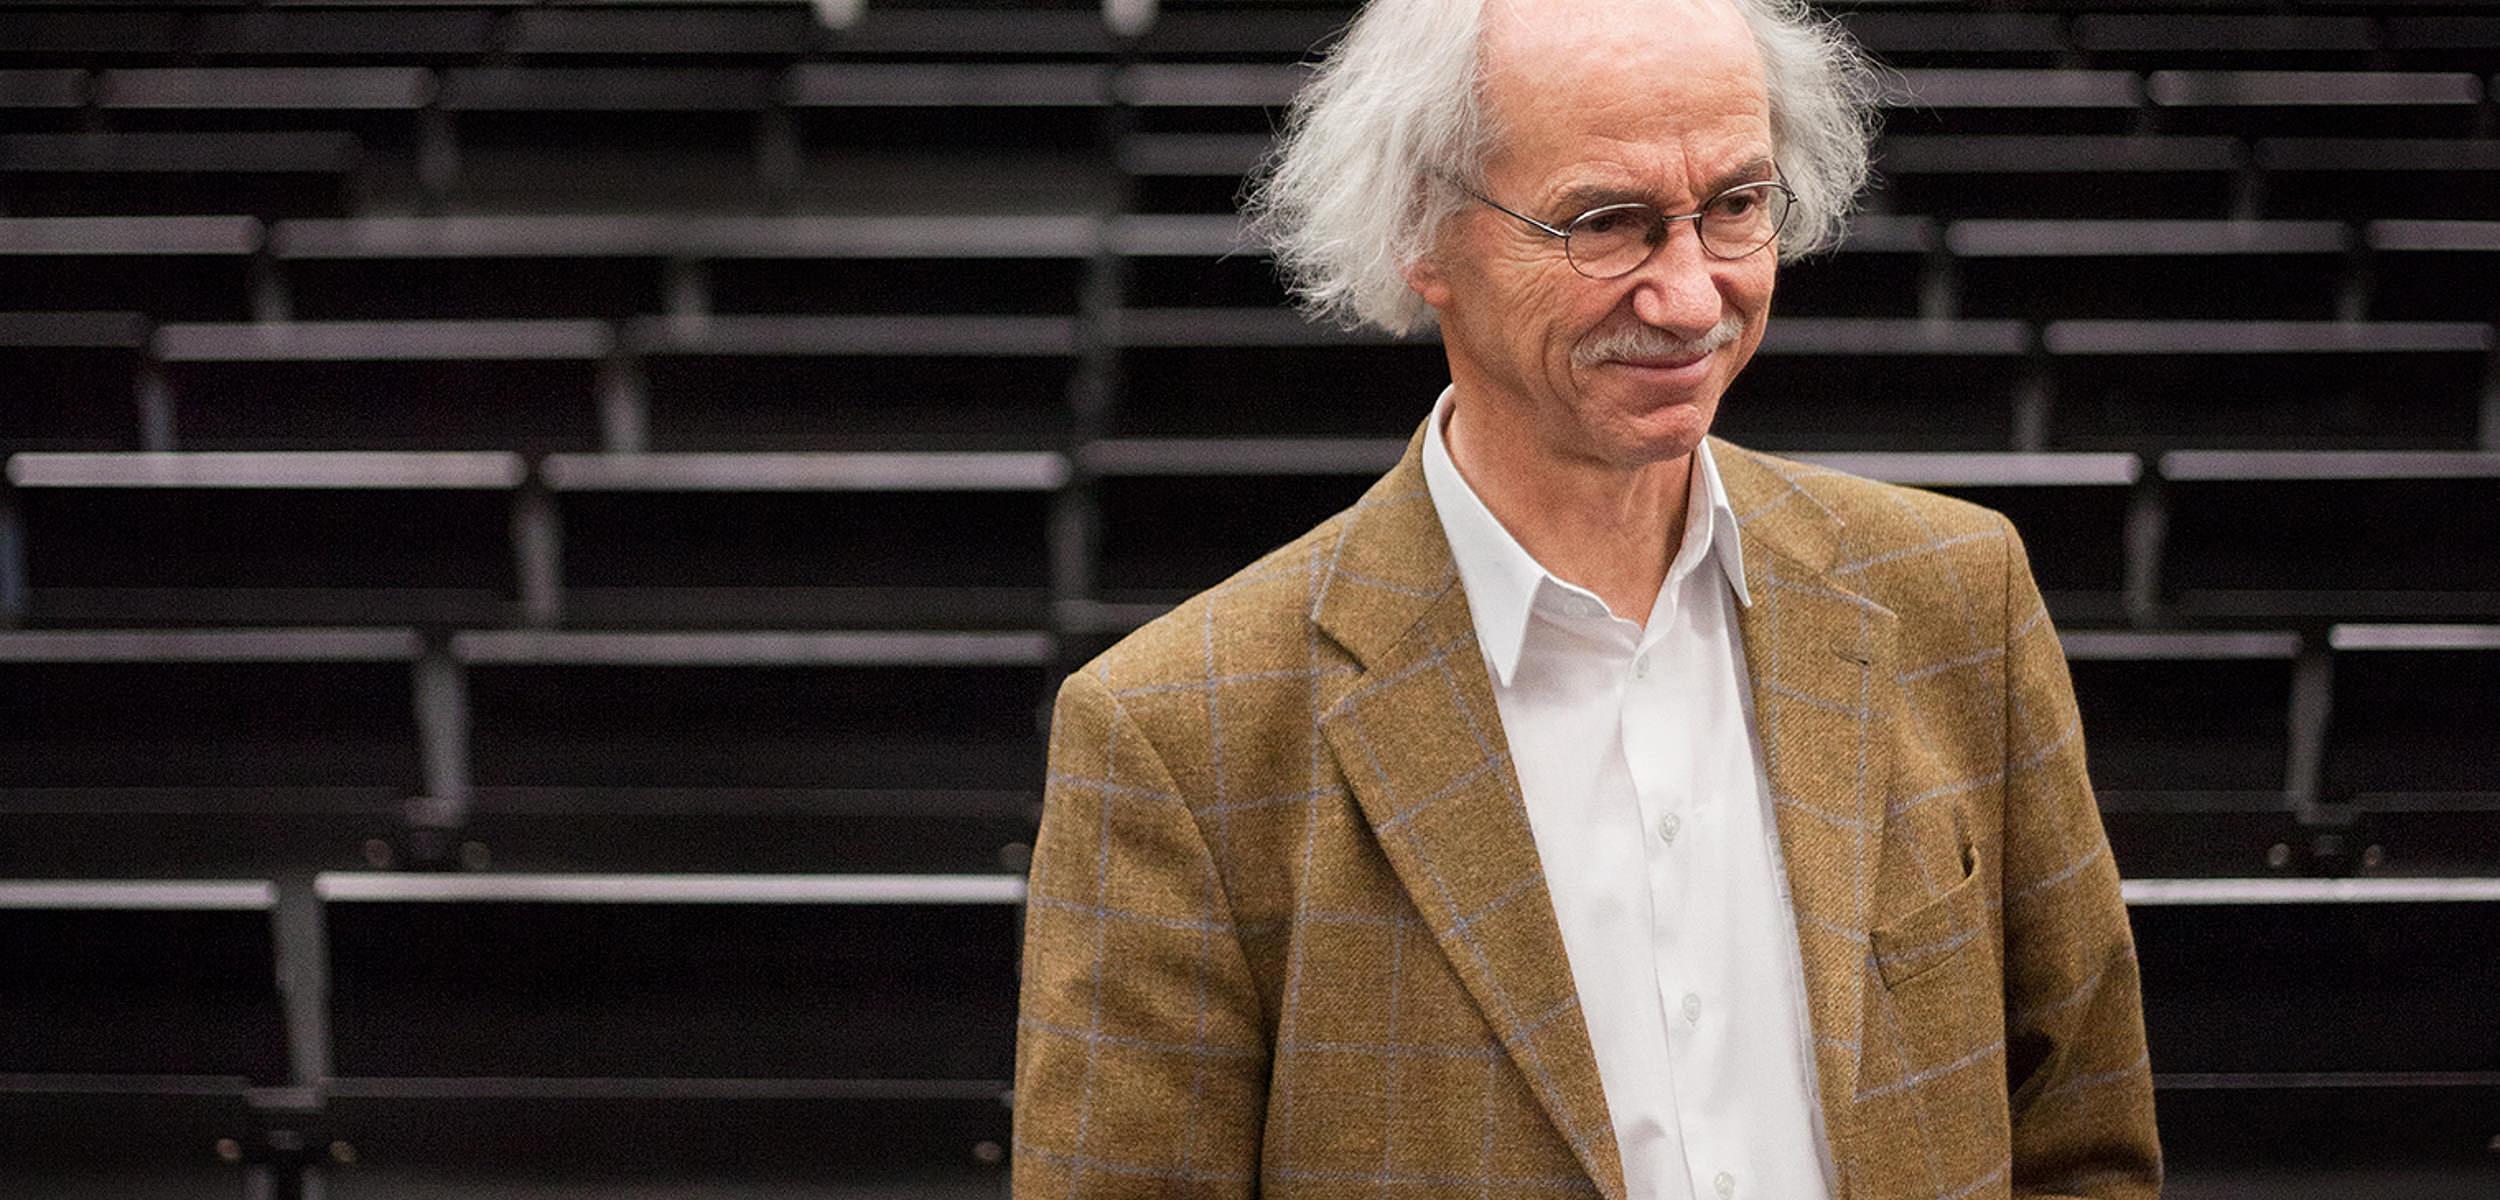 Enno Kaufhold Professor für Fotogeschichte steht im Hörsaal der FH Bielefeld Die Biefelder Schule Jörn Strojny